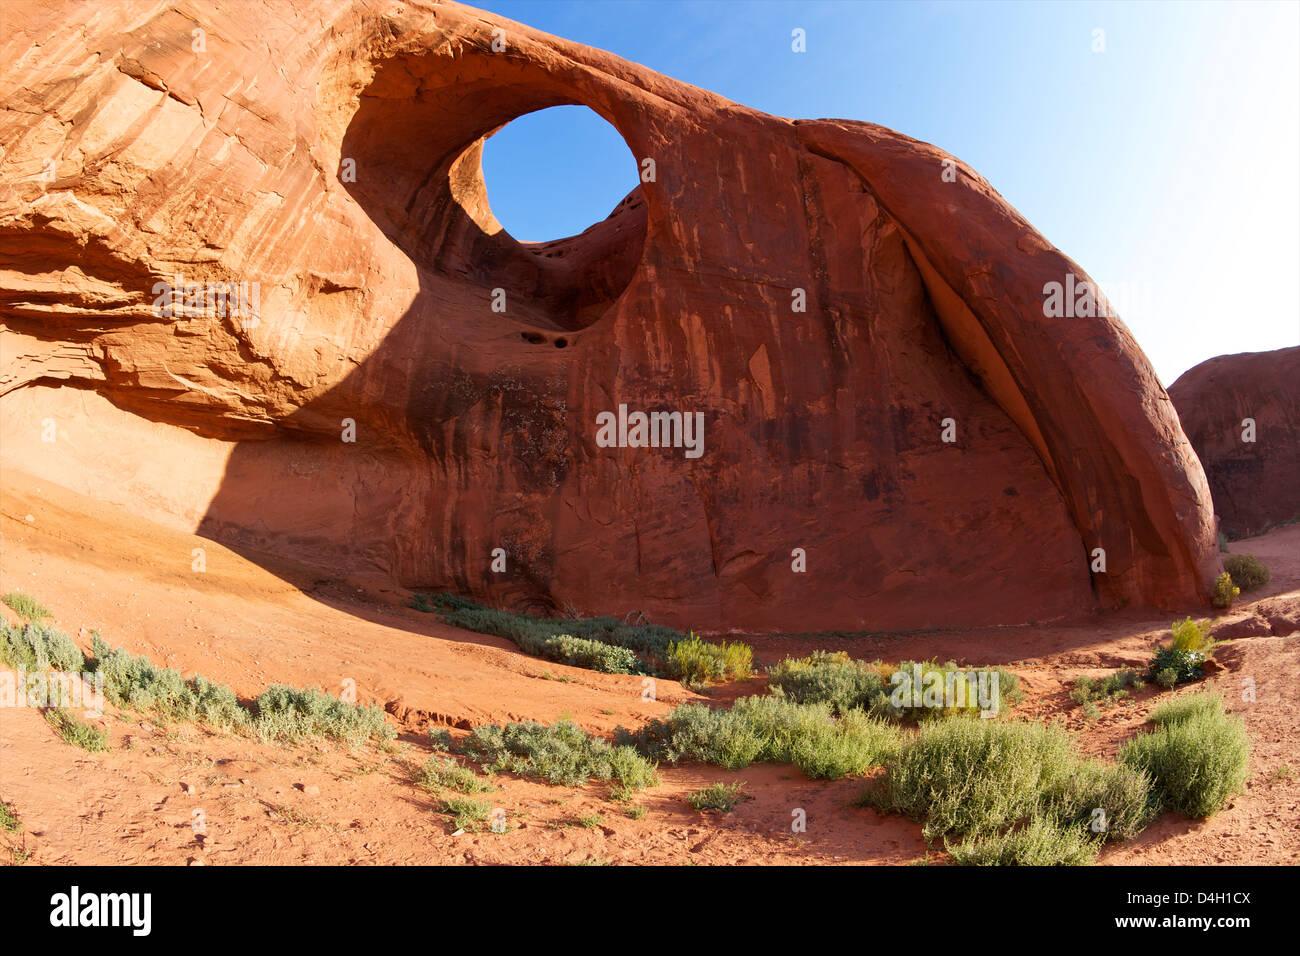 Le vent de l'oreille, Monument Valley Navajo Tribal Park, Utah, USA Photo Stock